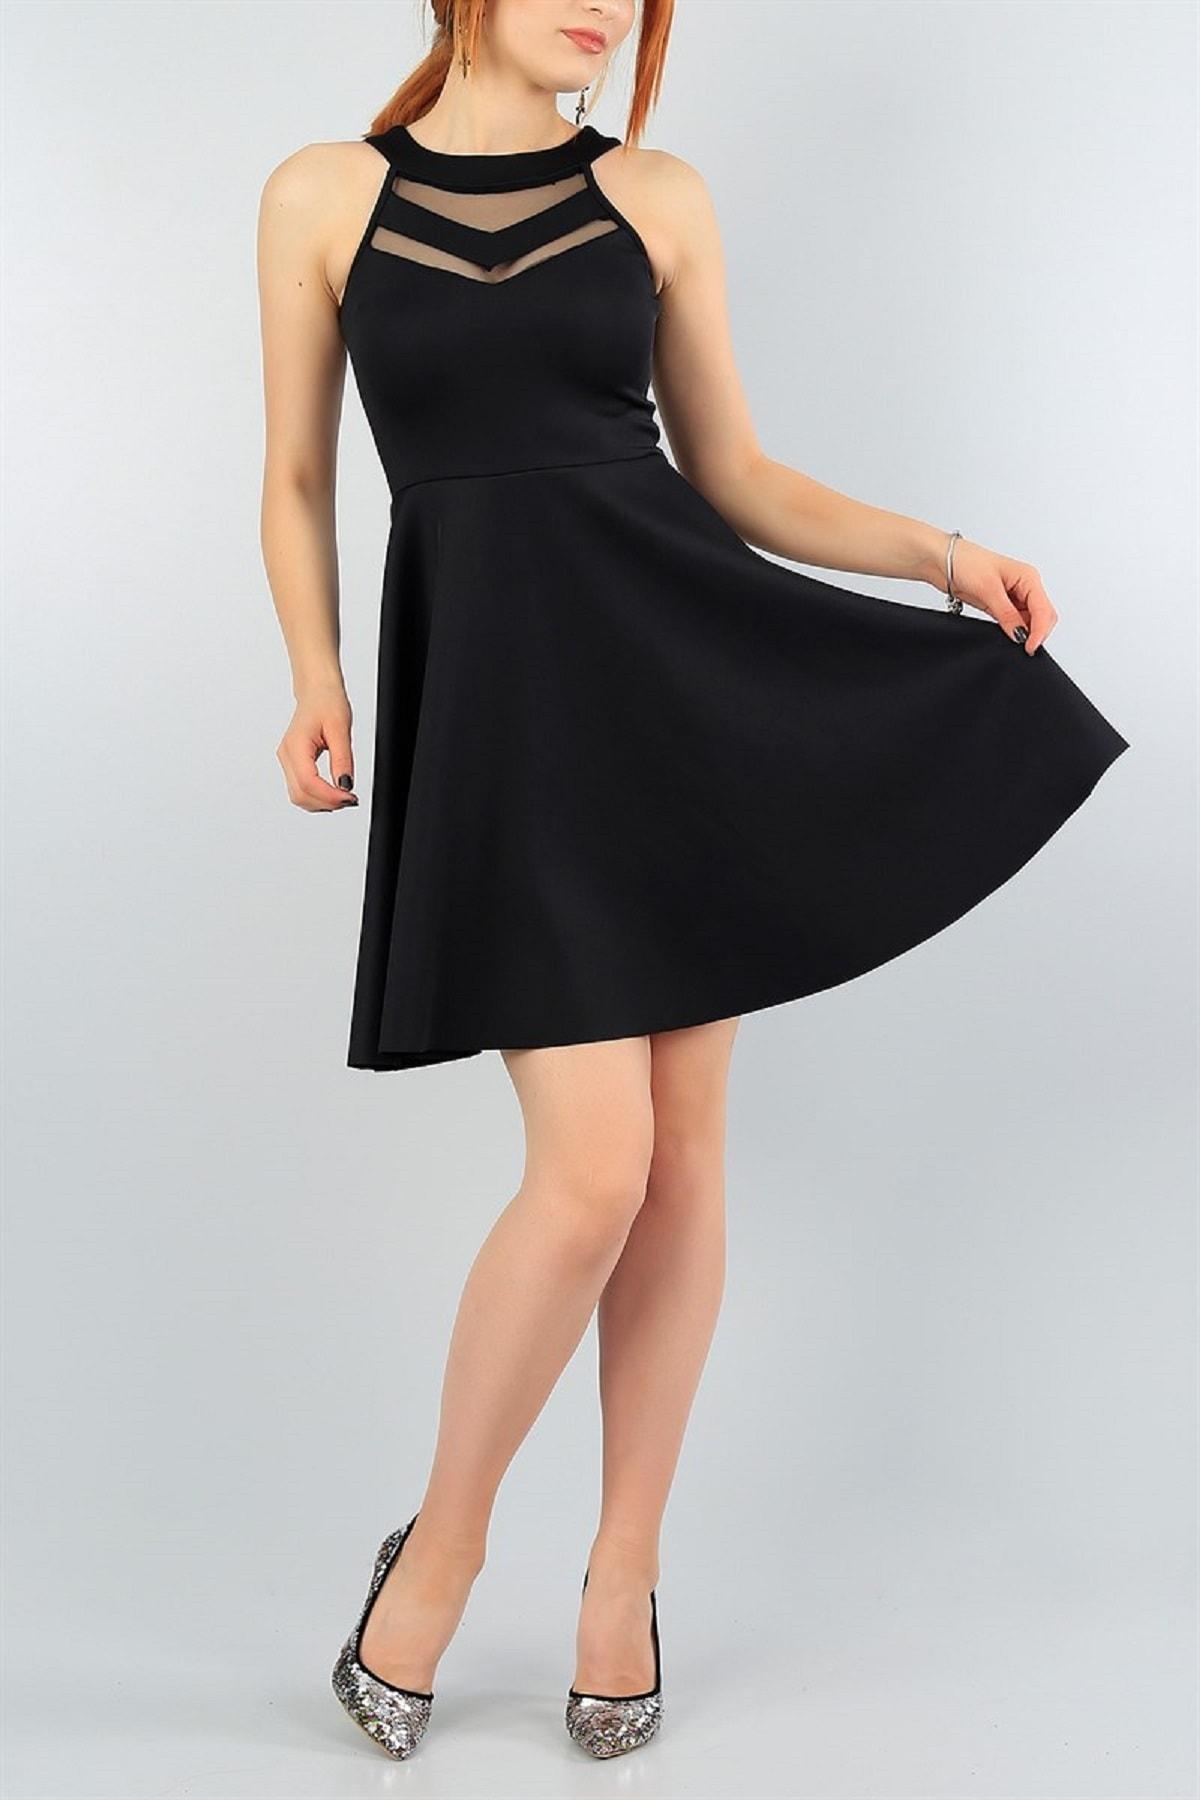 Esnek Kumaş Transparan Detay Siyah Abiye Elbise Kına Nişan Mezuniyet Elbisesi 2222